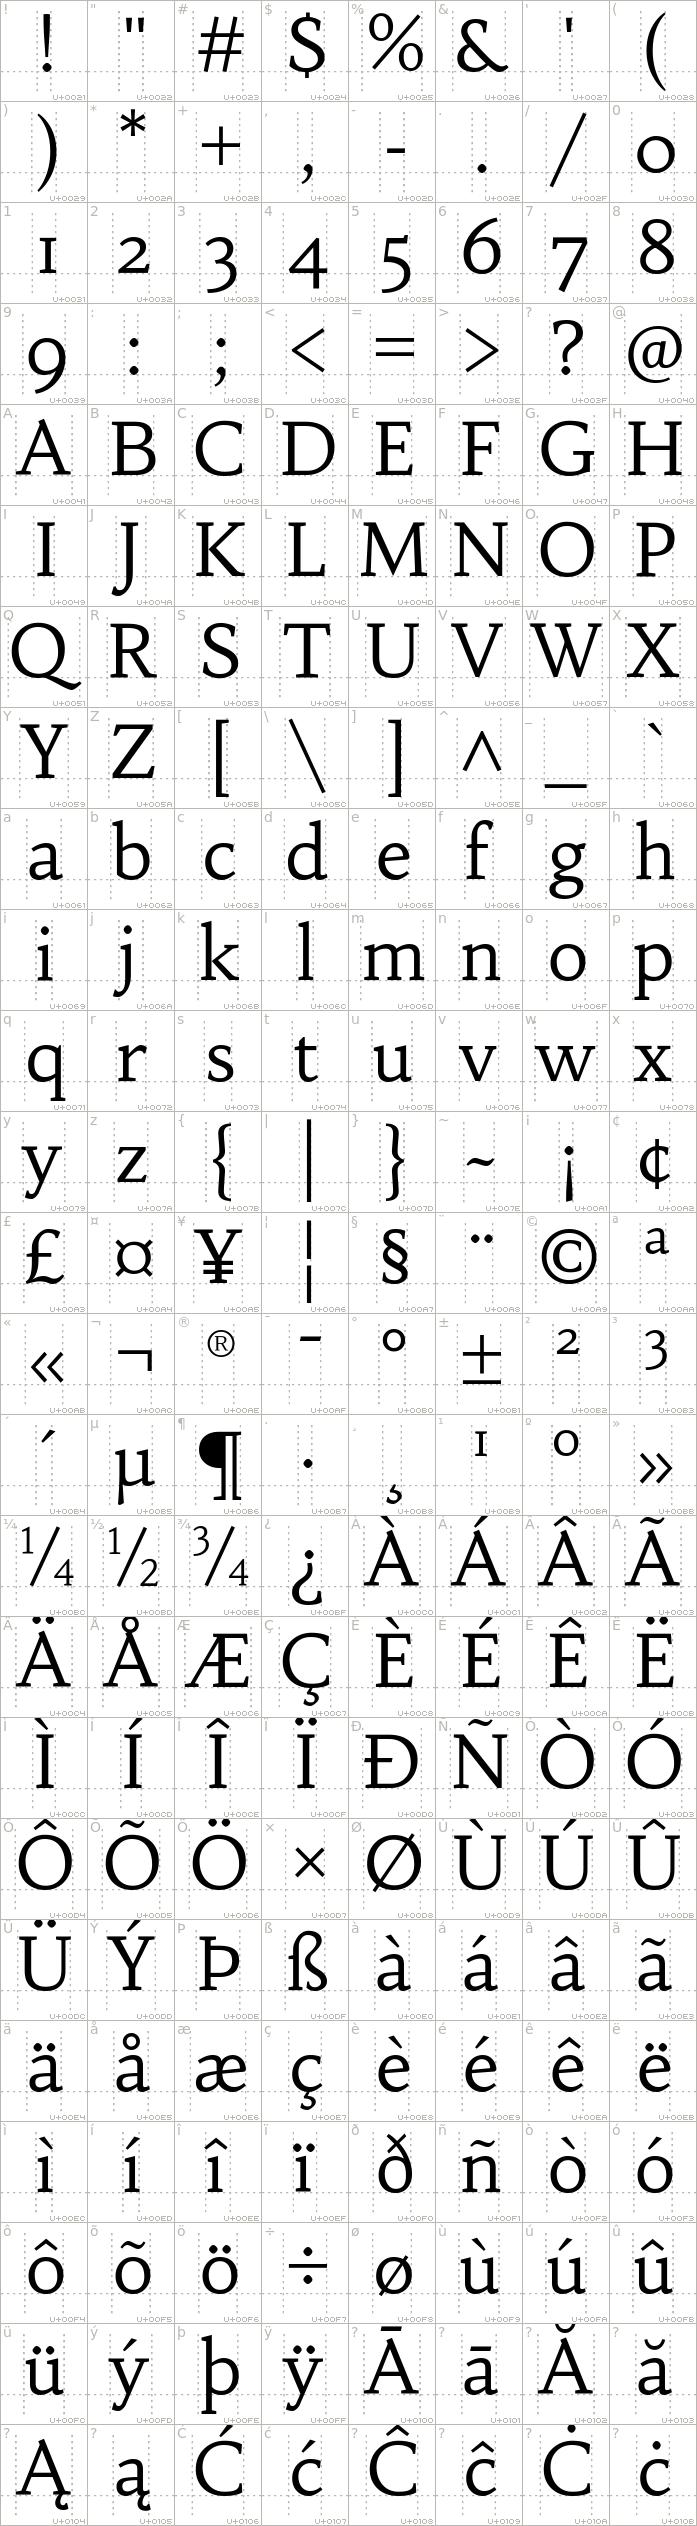 habibi.regular.character-map-1